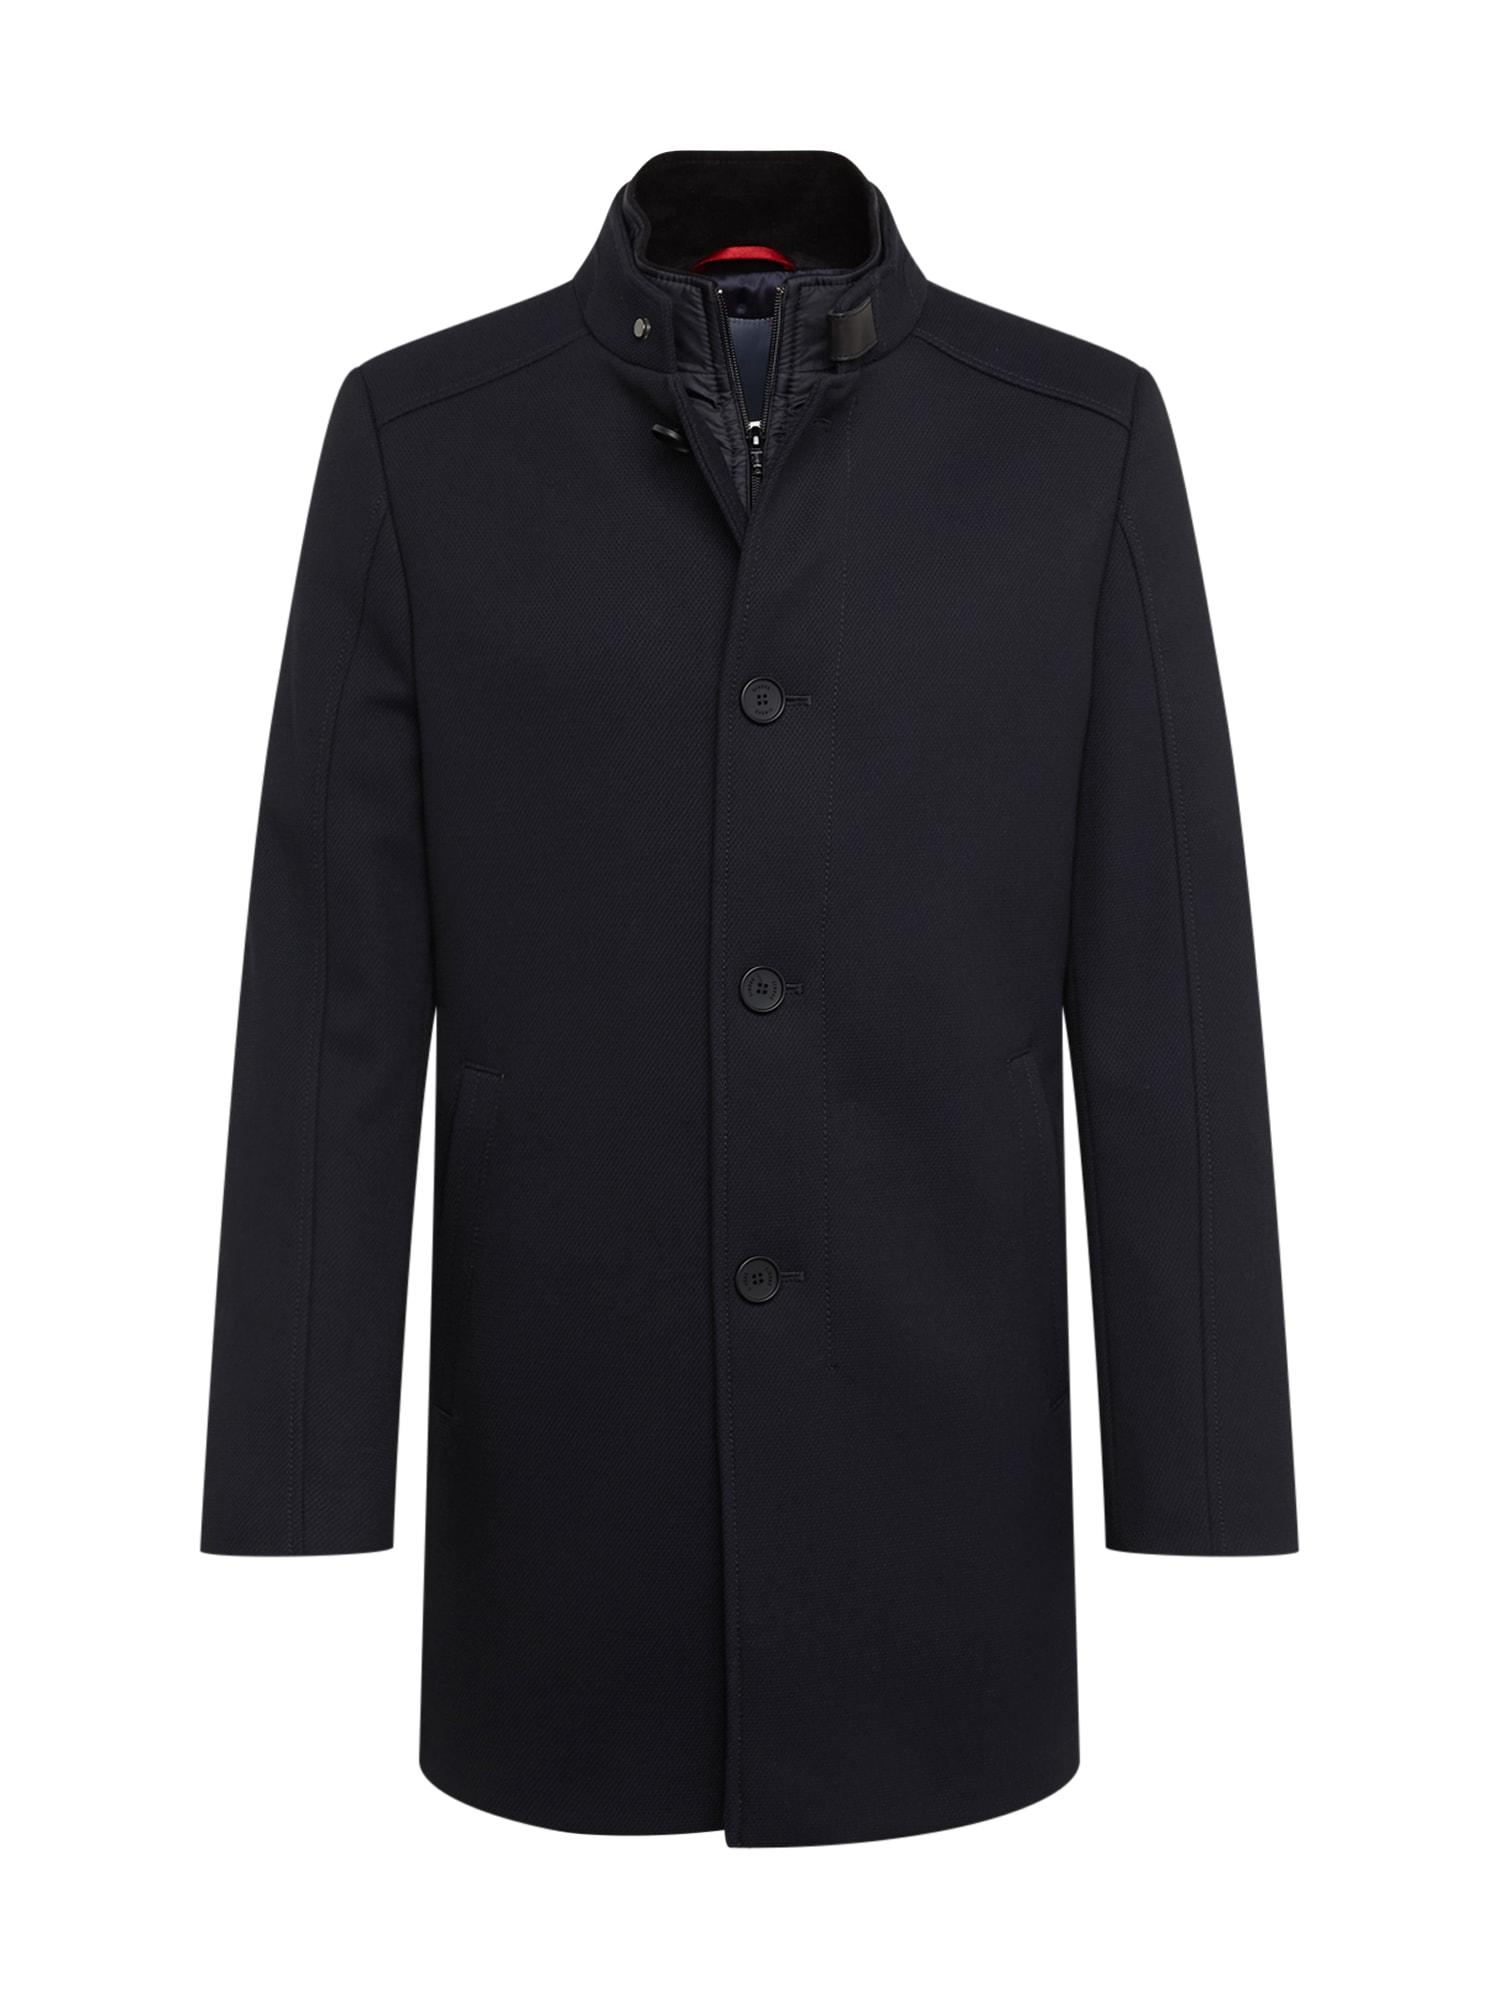 Přechodný kabát CILIVERPO OL modrá CINQUE